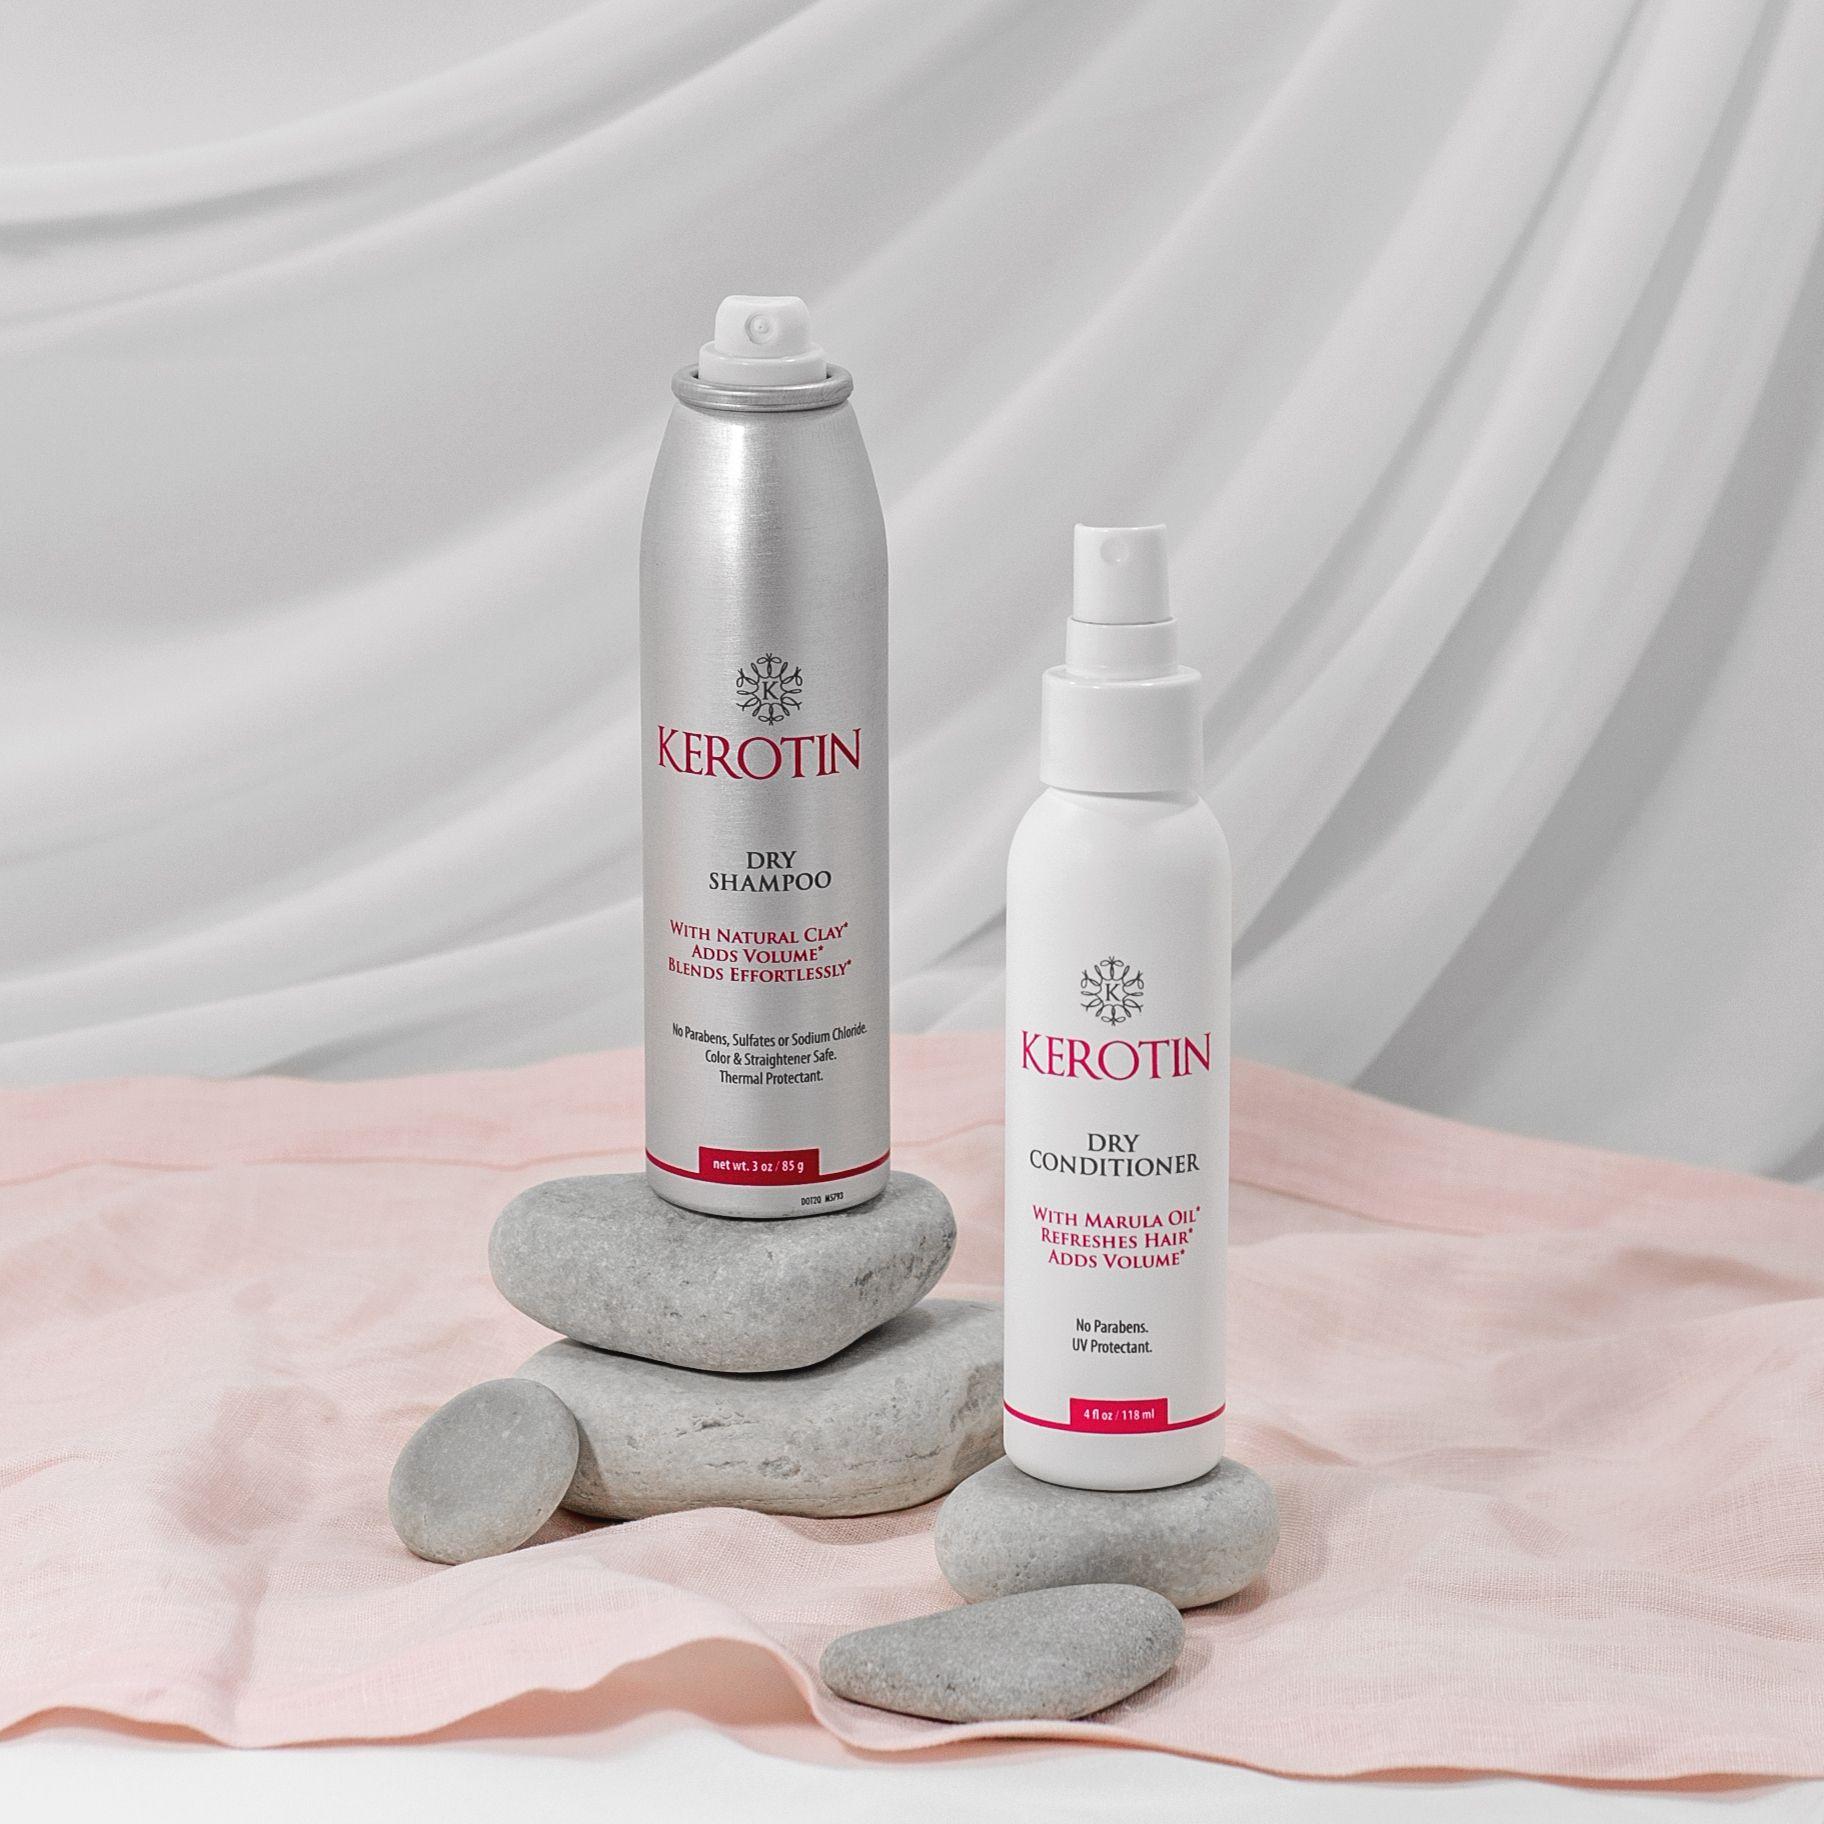 Dry Shampoo Dry Conditioner Dry Shampoo Dry Conditioner Shampoo